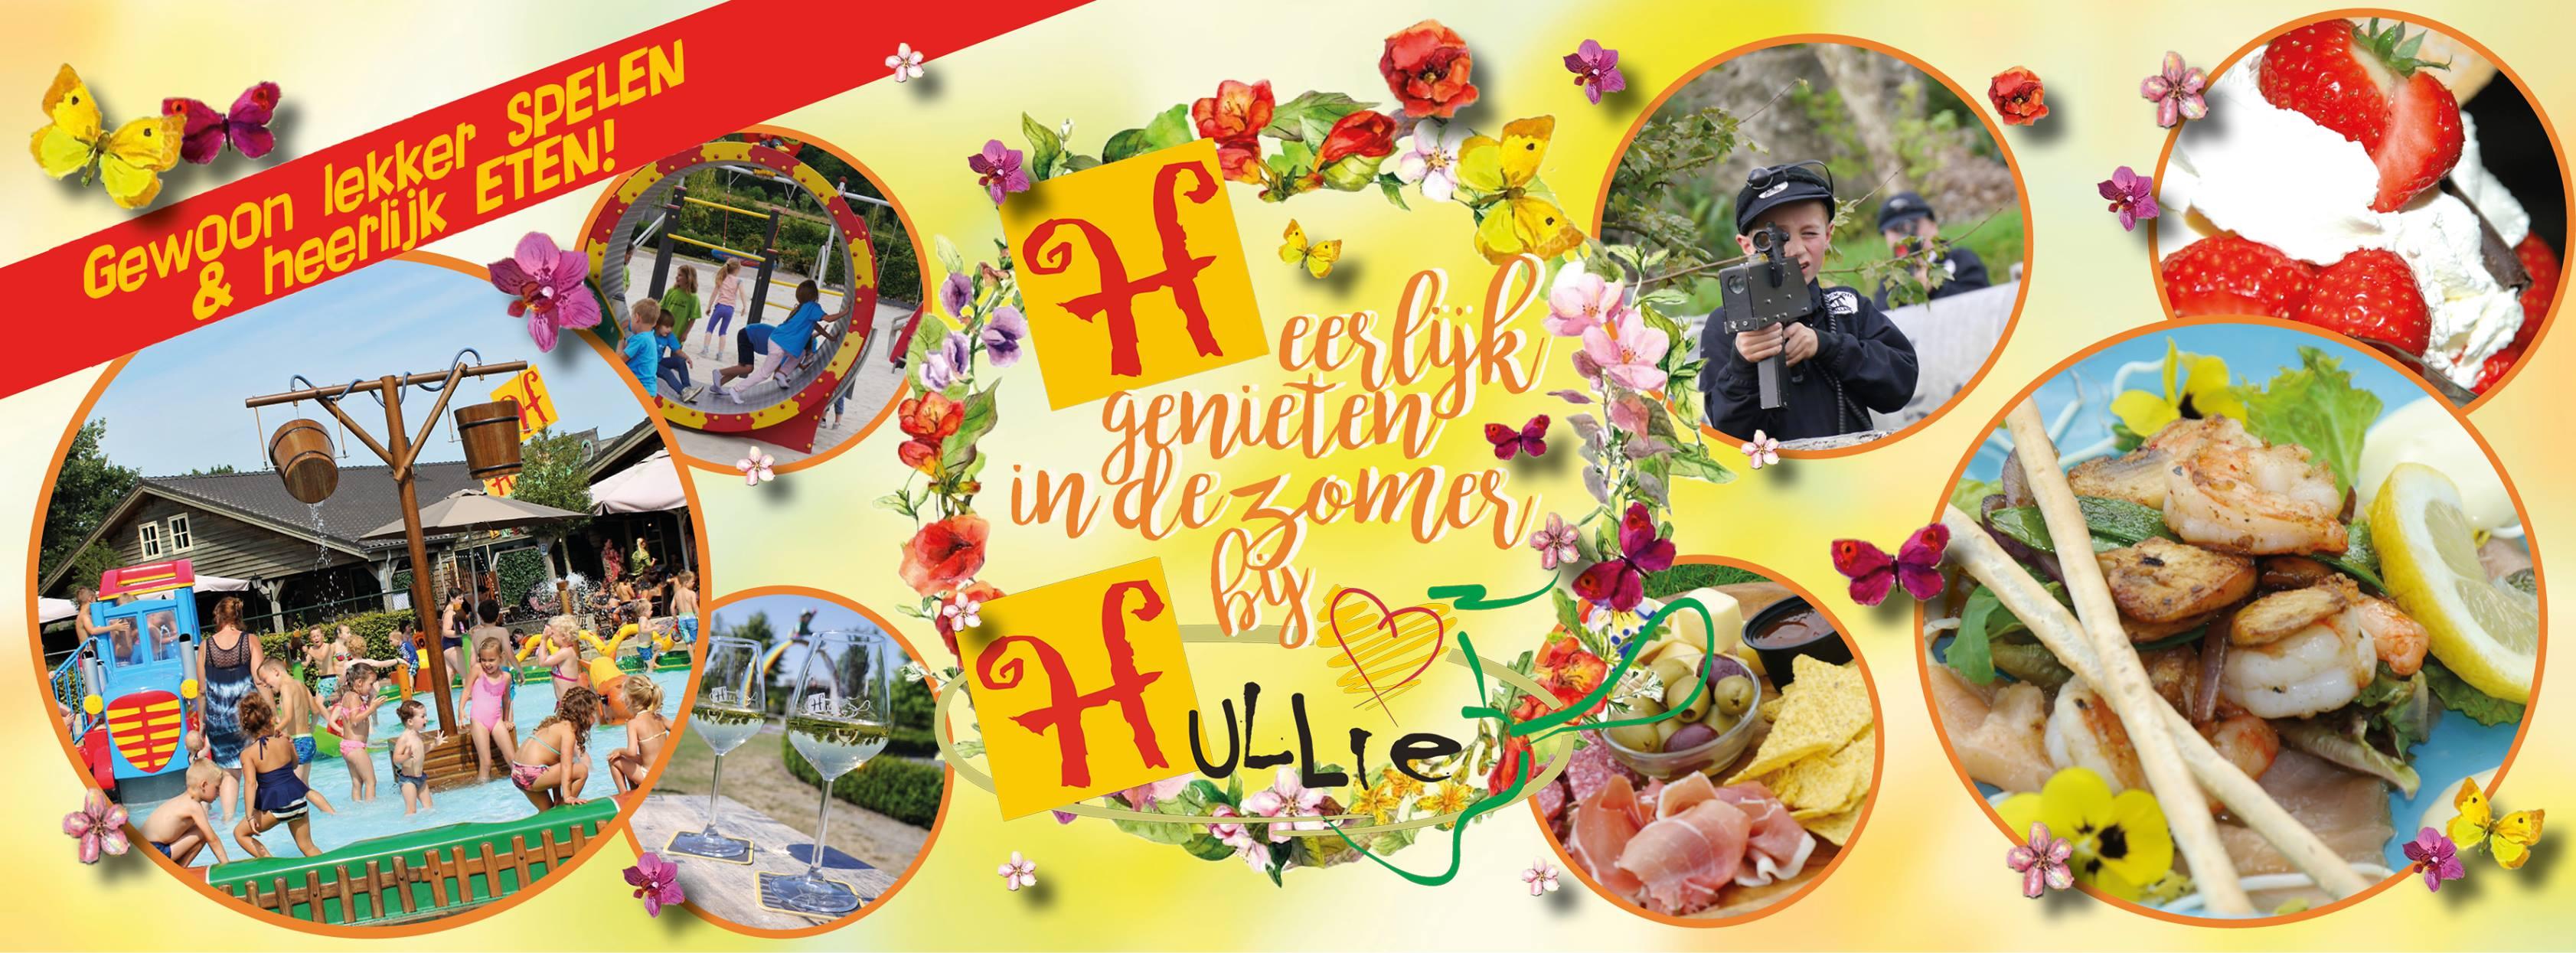 De leukste speelplekken van Nederland: Hullie waterspeeltuin in Uden